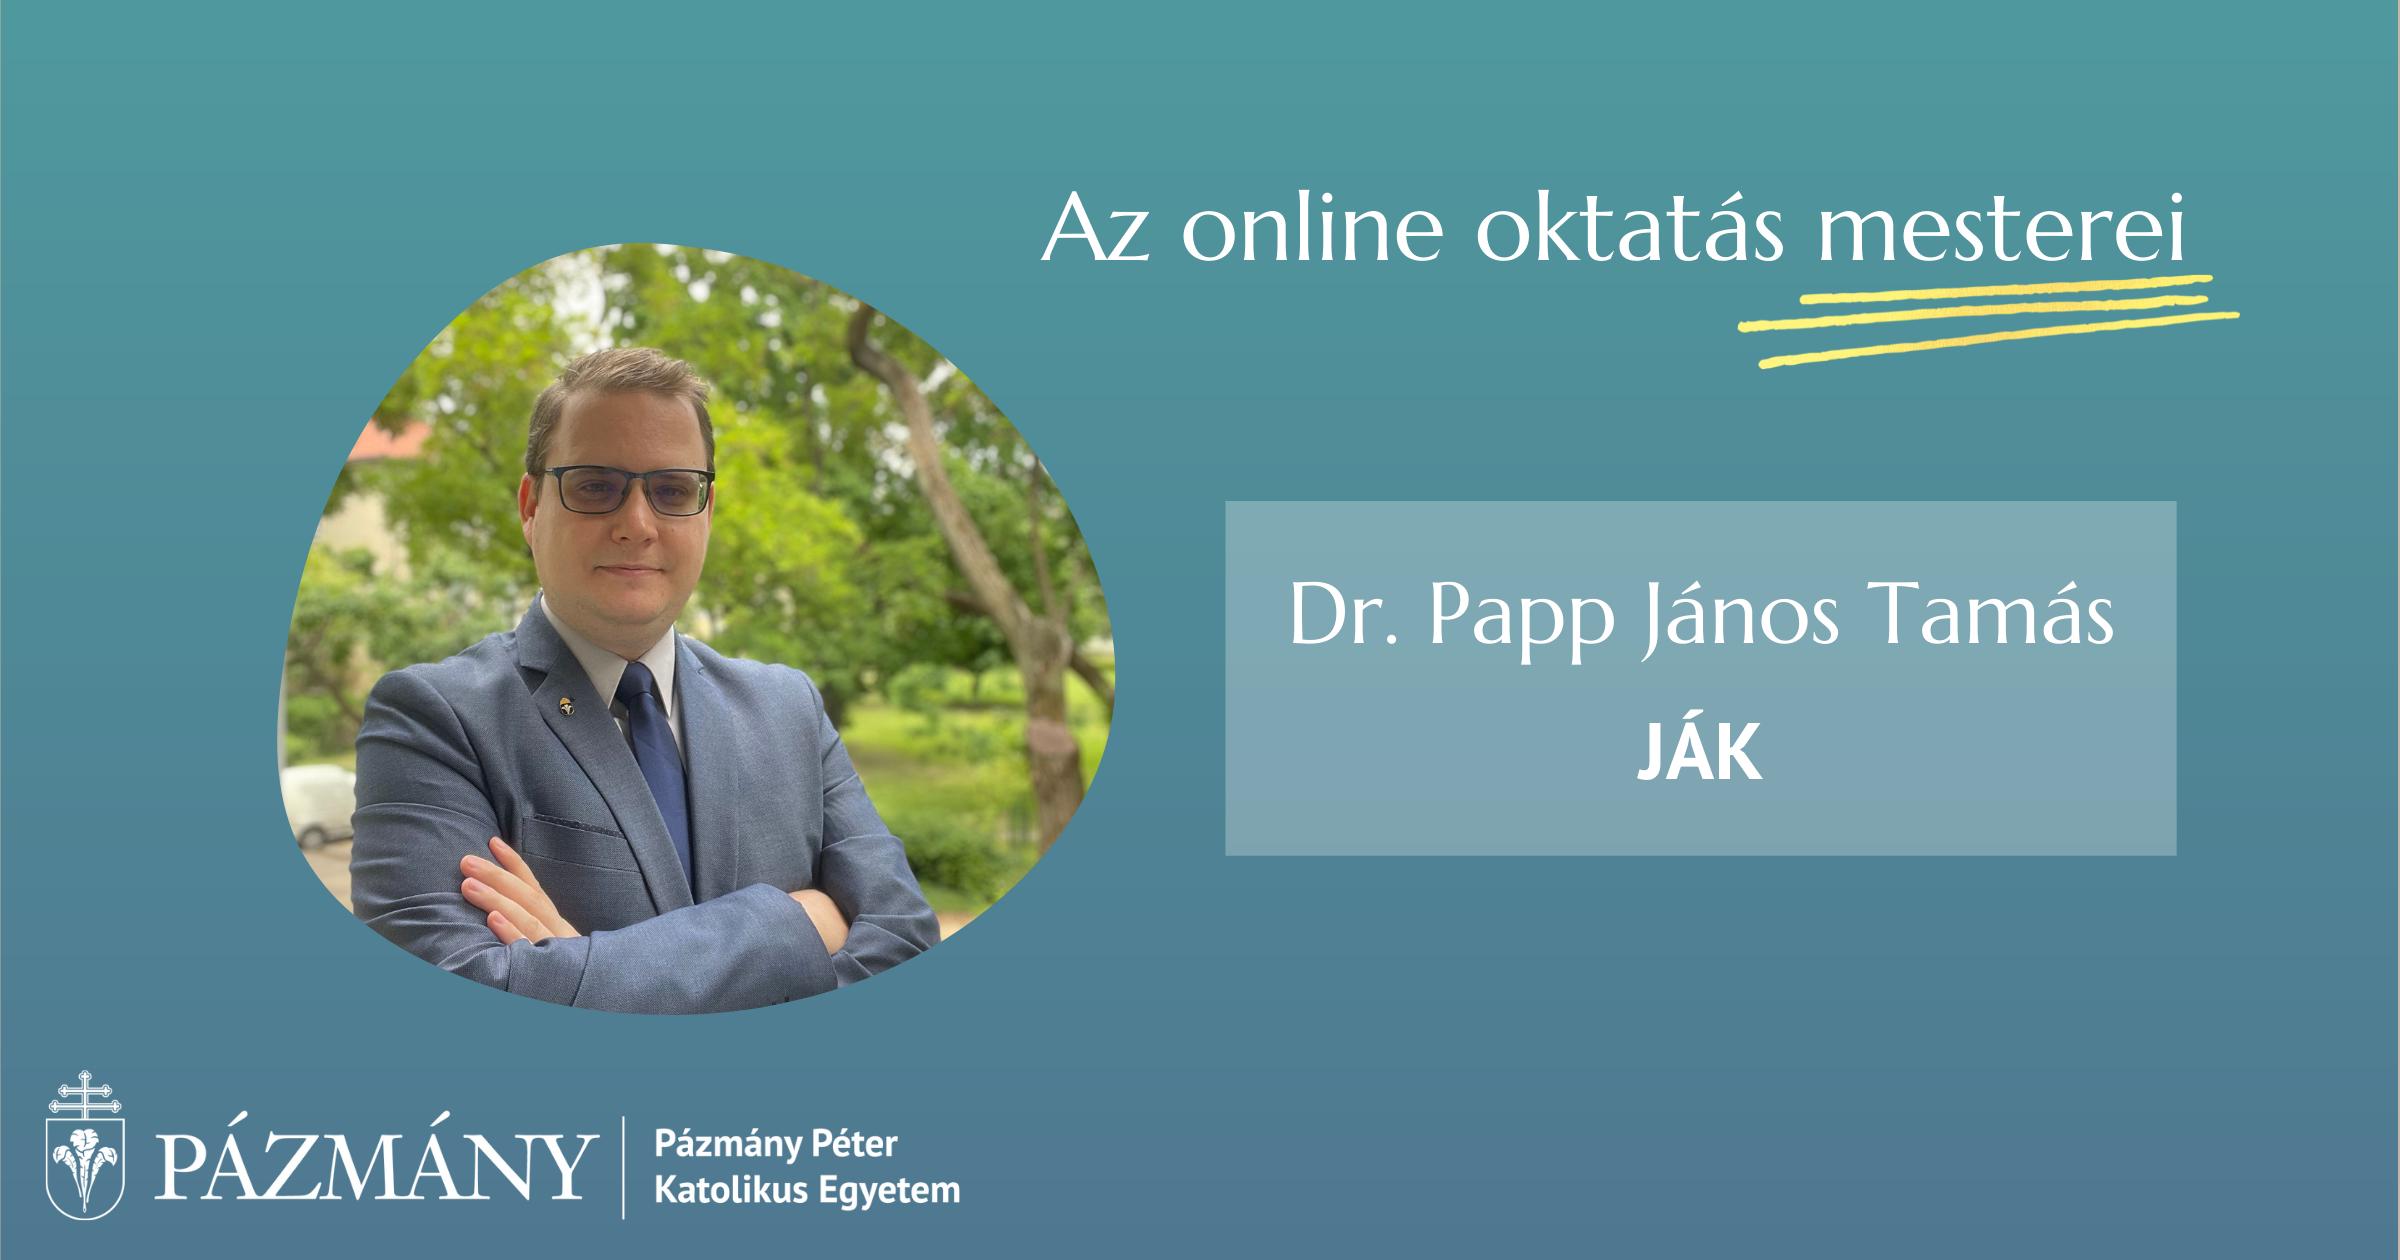 Az online oktatás mesterei: interjú Dr. Papp János Tamással